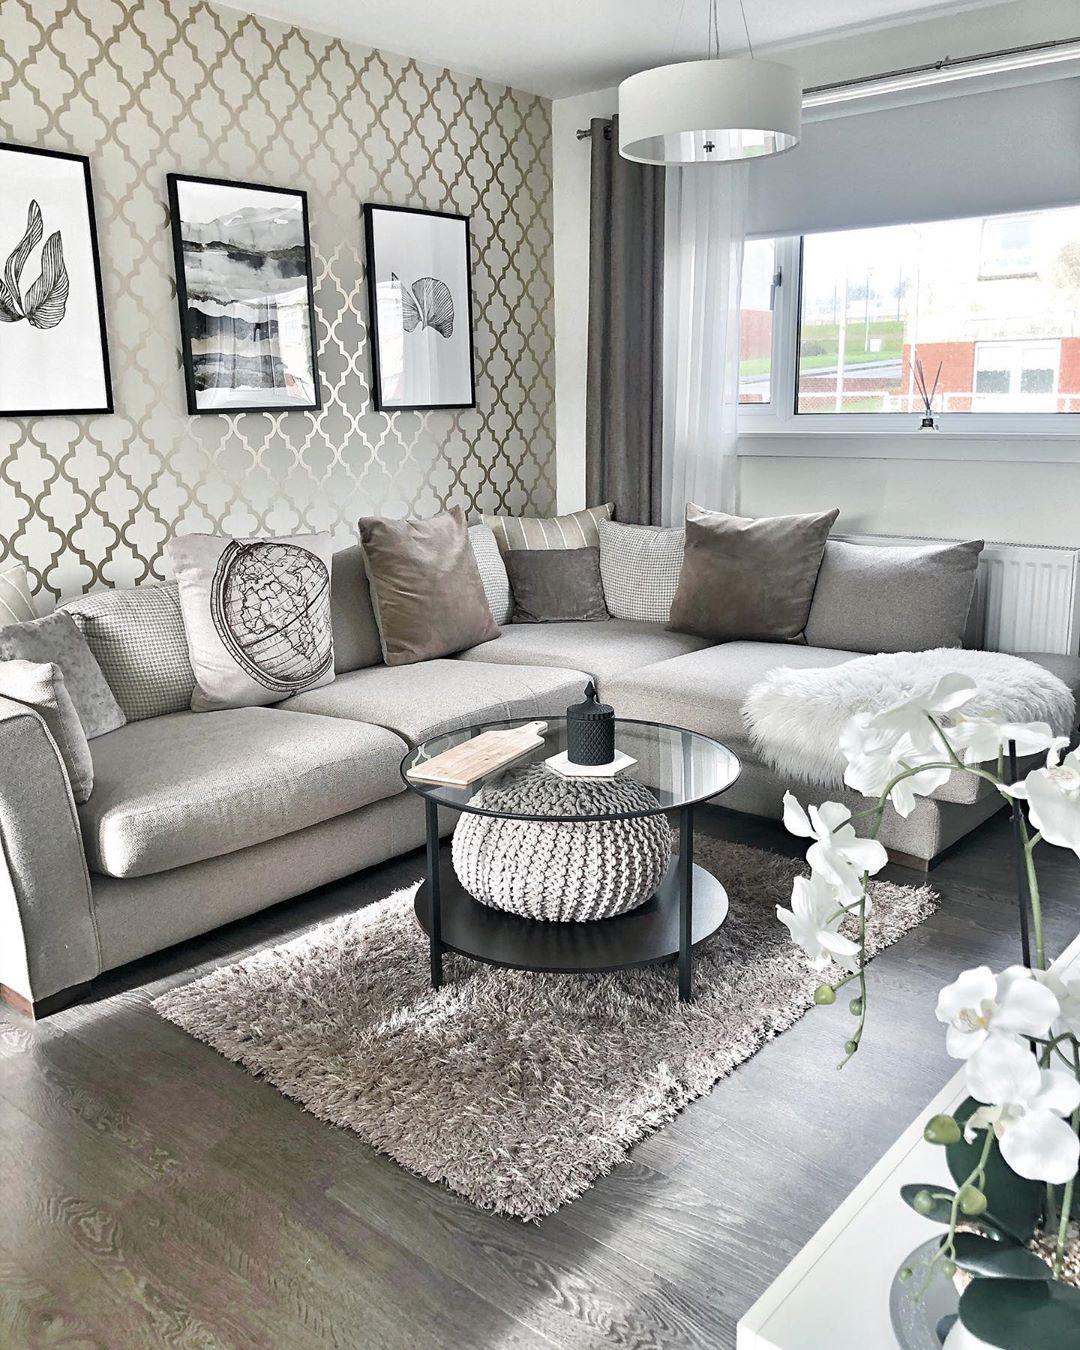 Ideas Bonitas Para Decorar Una Sala Salas Pequenas Y Modernas En 2020 Decorar Salas Diseno De Interiores Salas Decoracion De Interiores Salones